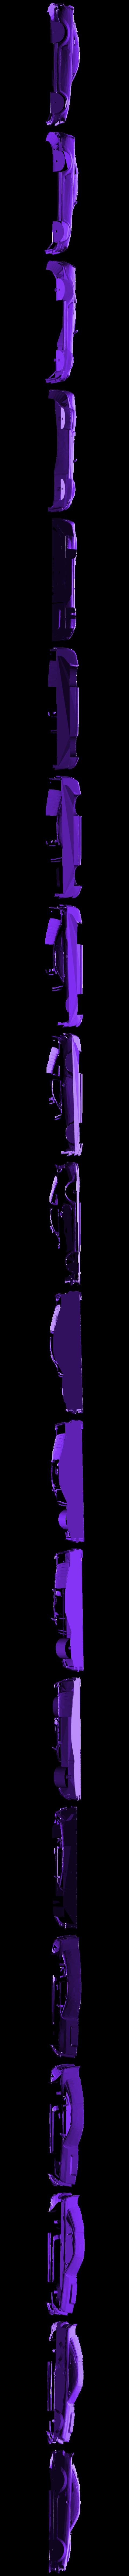 Mustang_B.stl Télécharger fichier STL gratuit Ford Mustang GT - Modèle 1:64 • Modèle à imprimer en 3D, Gophy